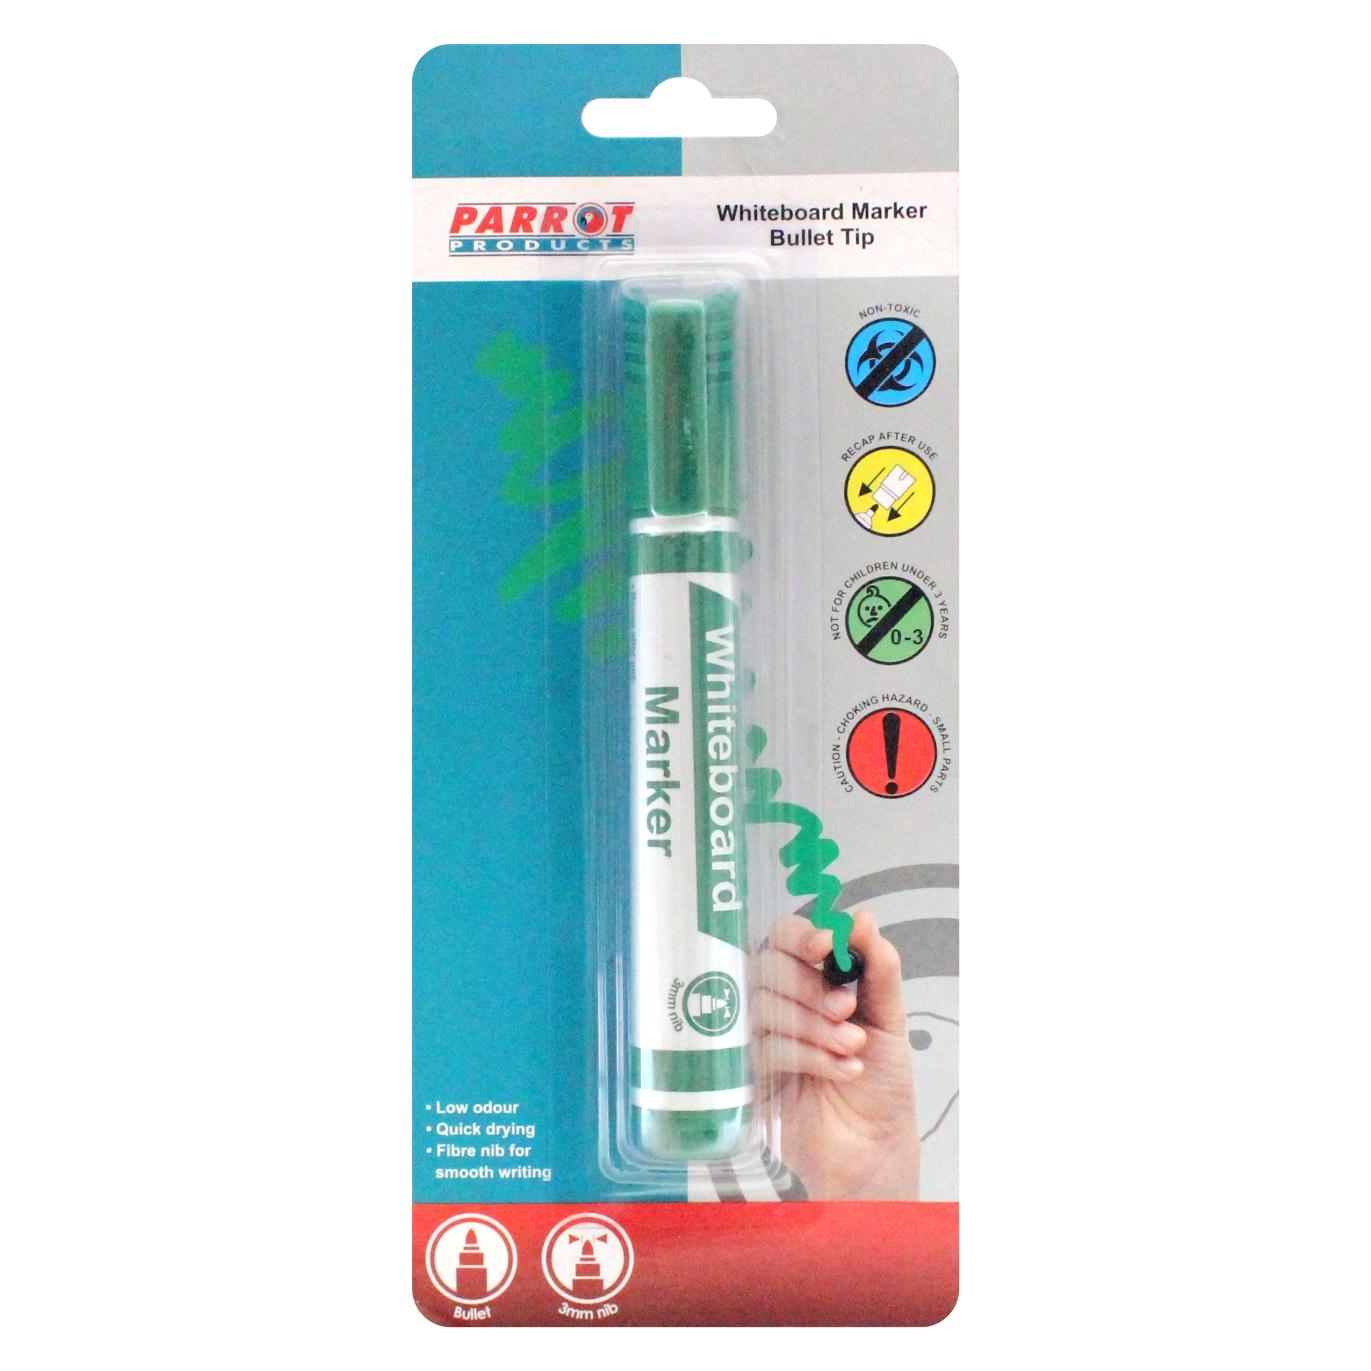 Whiteboard Marker (Bullet Tip, Carded, Green